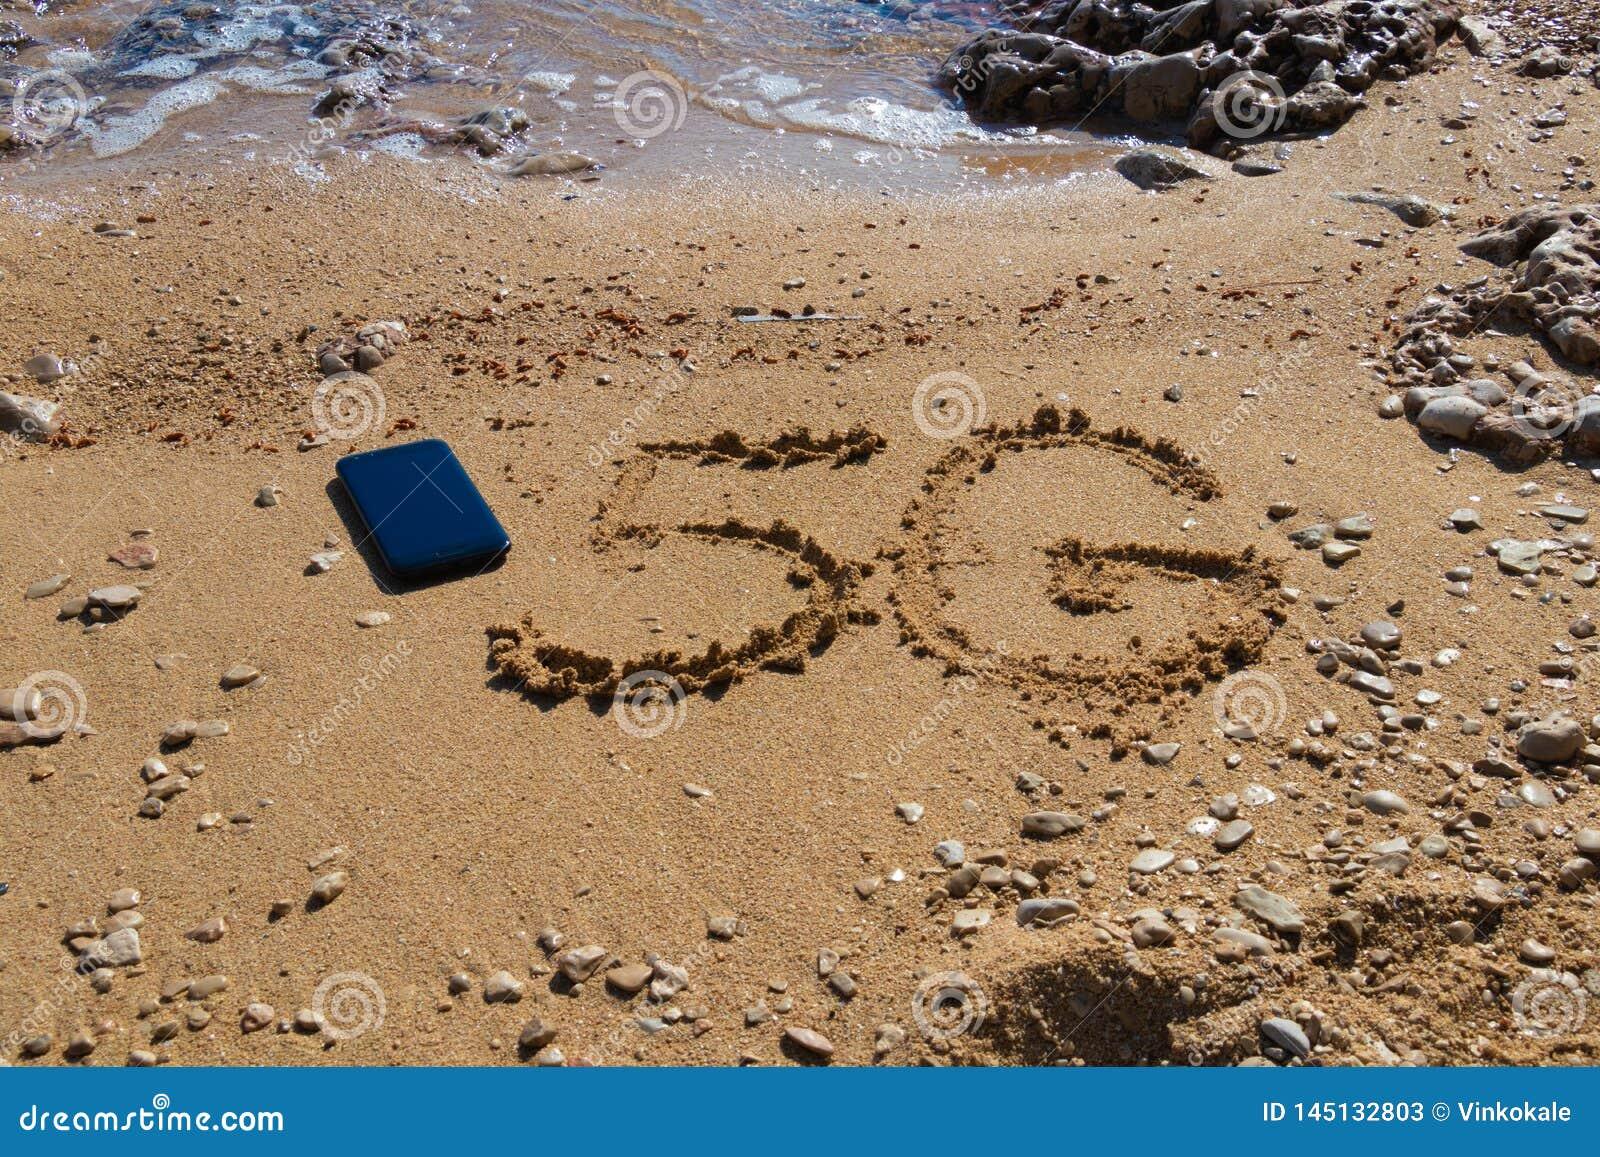 форма 5G на песке около мобильного телефона